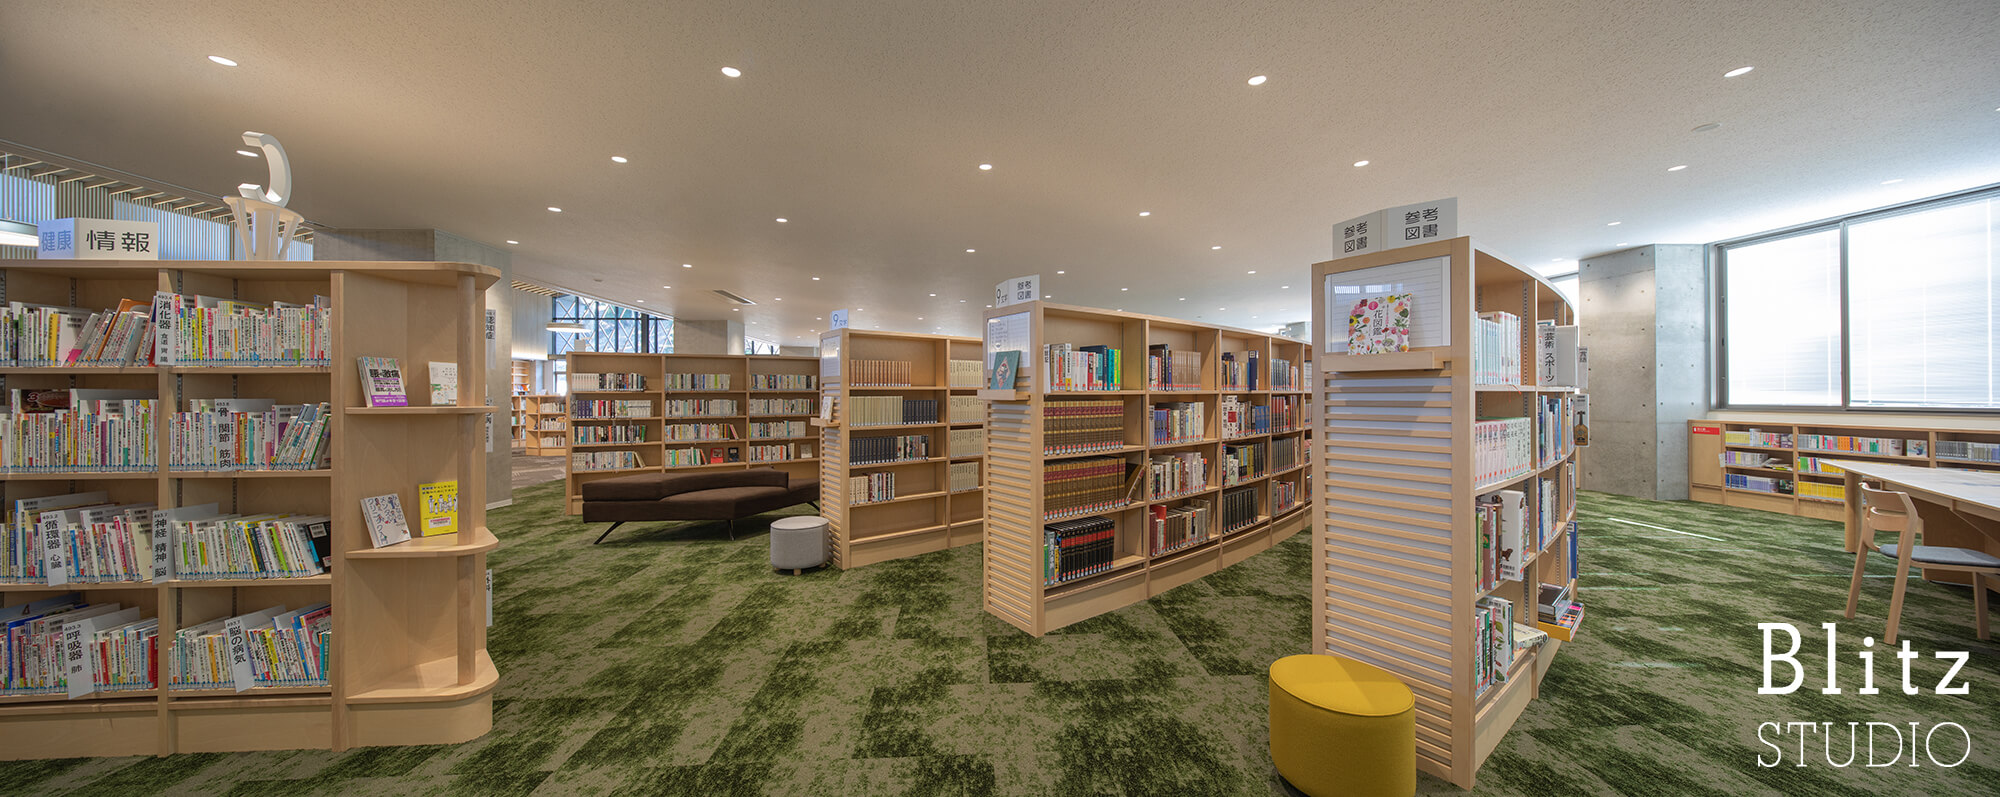 『豊後大野市立図書館』建築写真・竣工写真・インテリア写真14